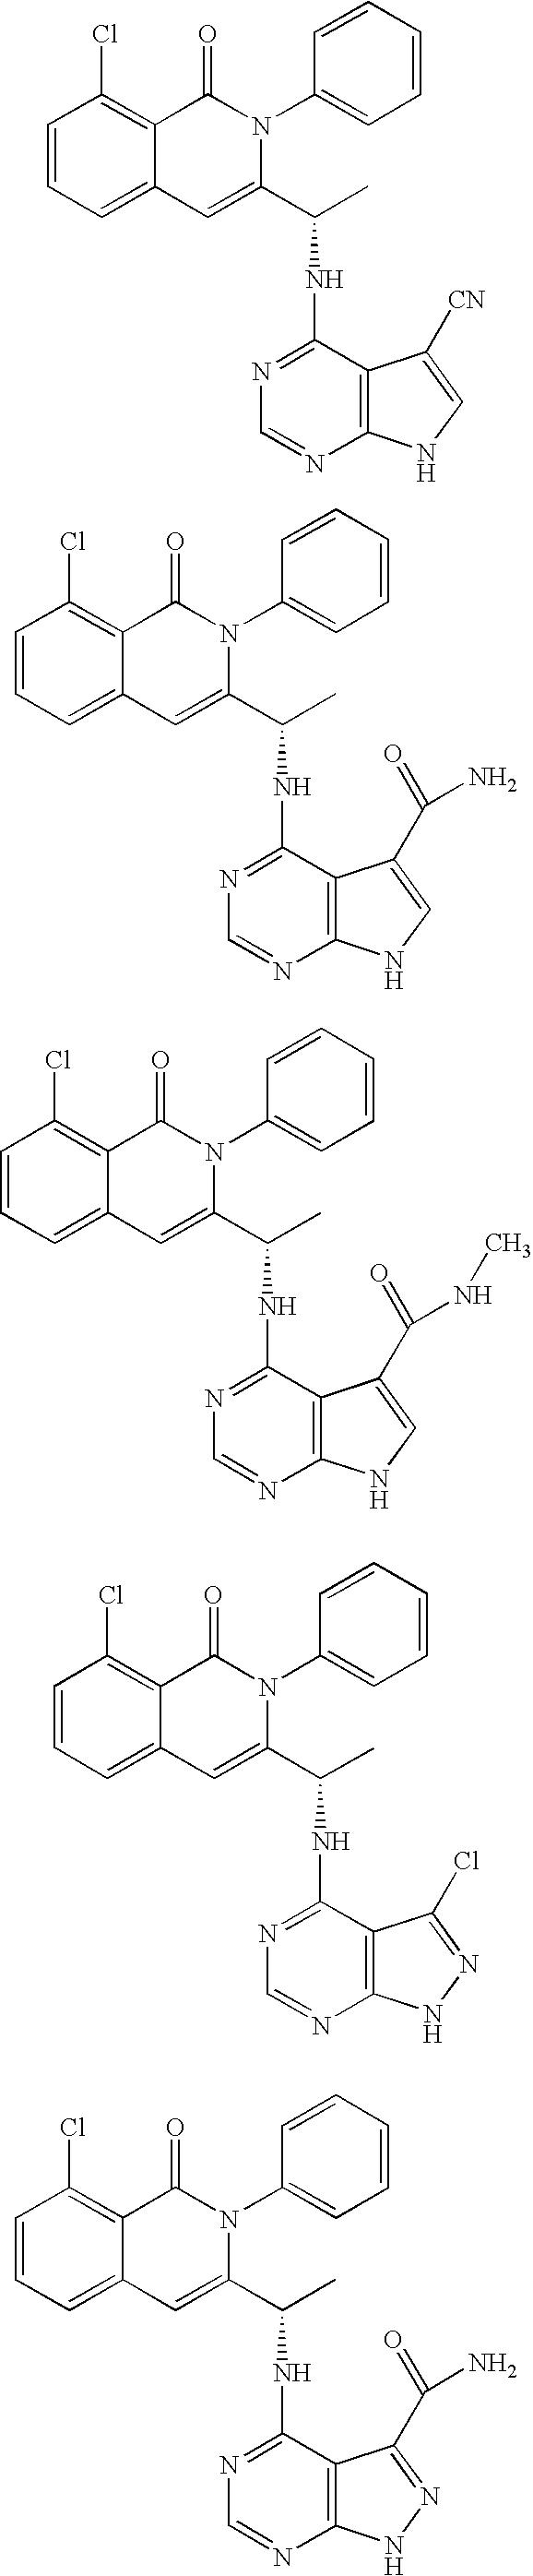 Figure US08193182-20120605-C00280